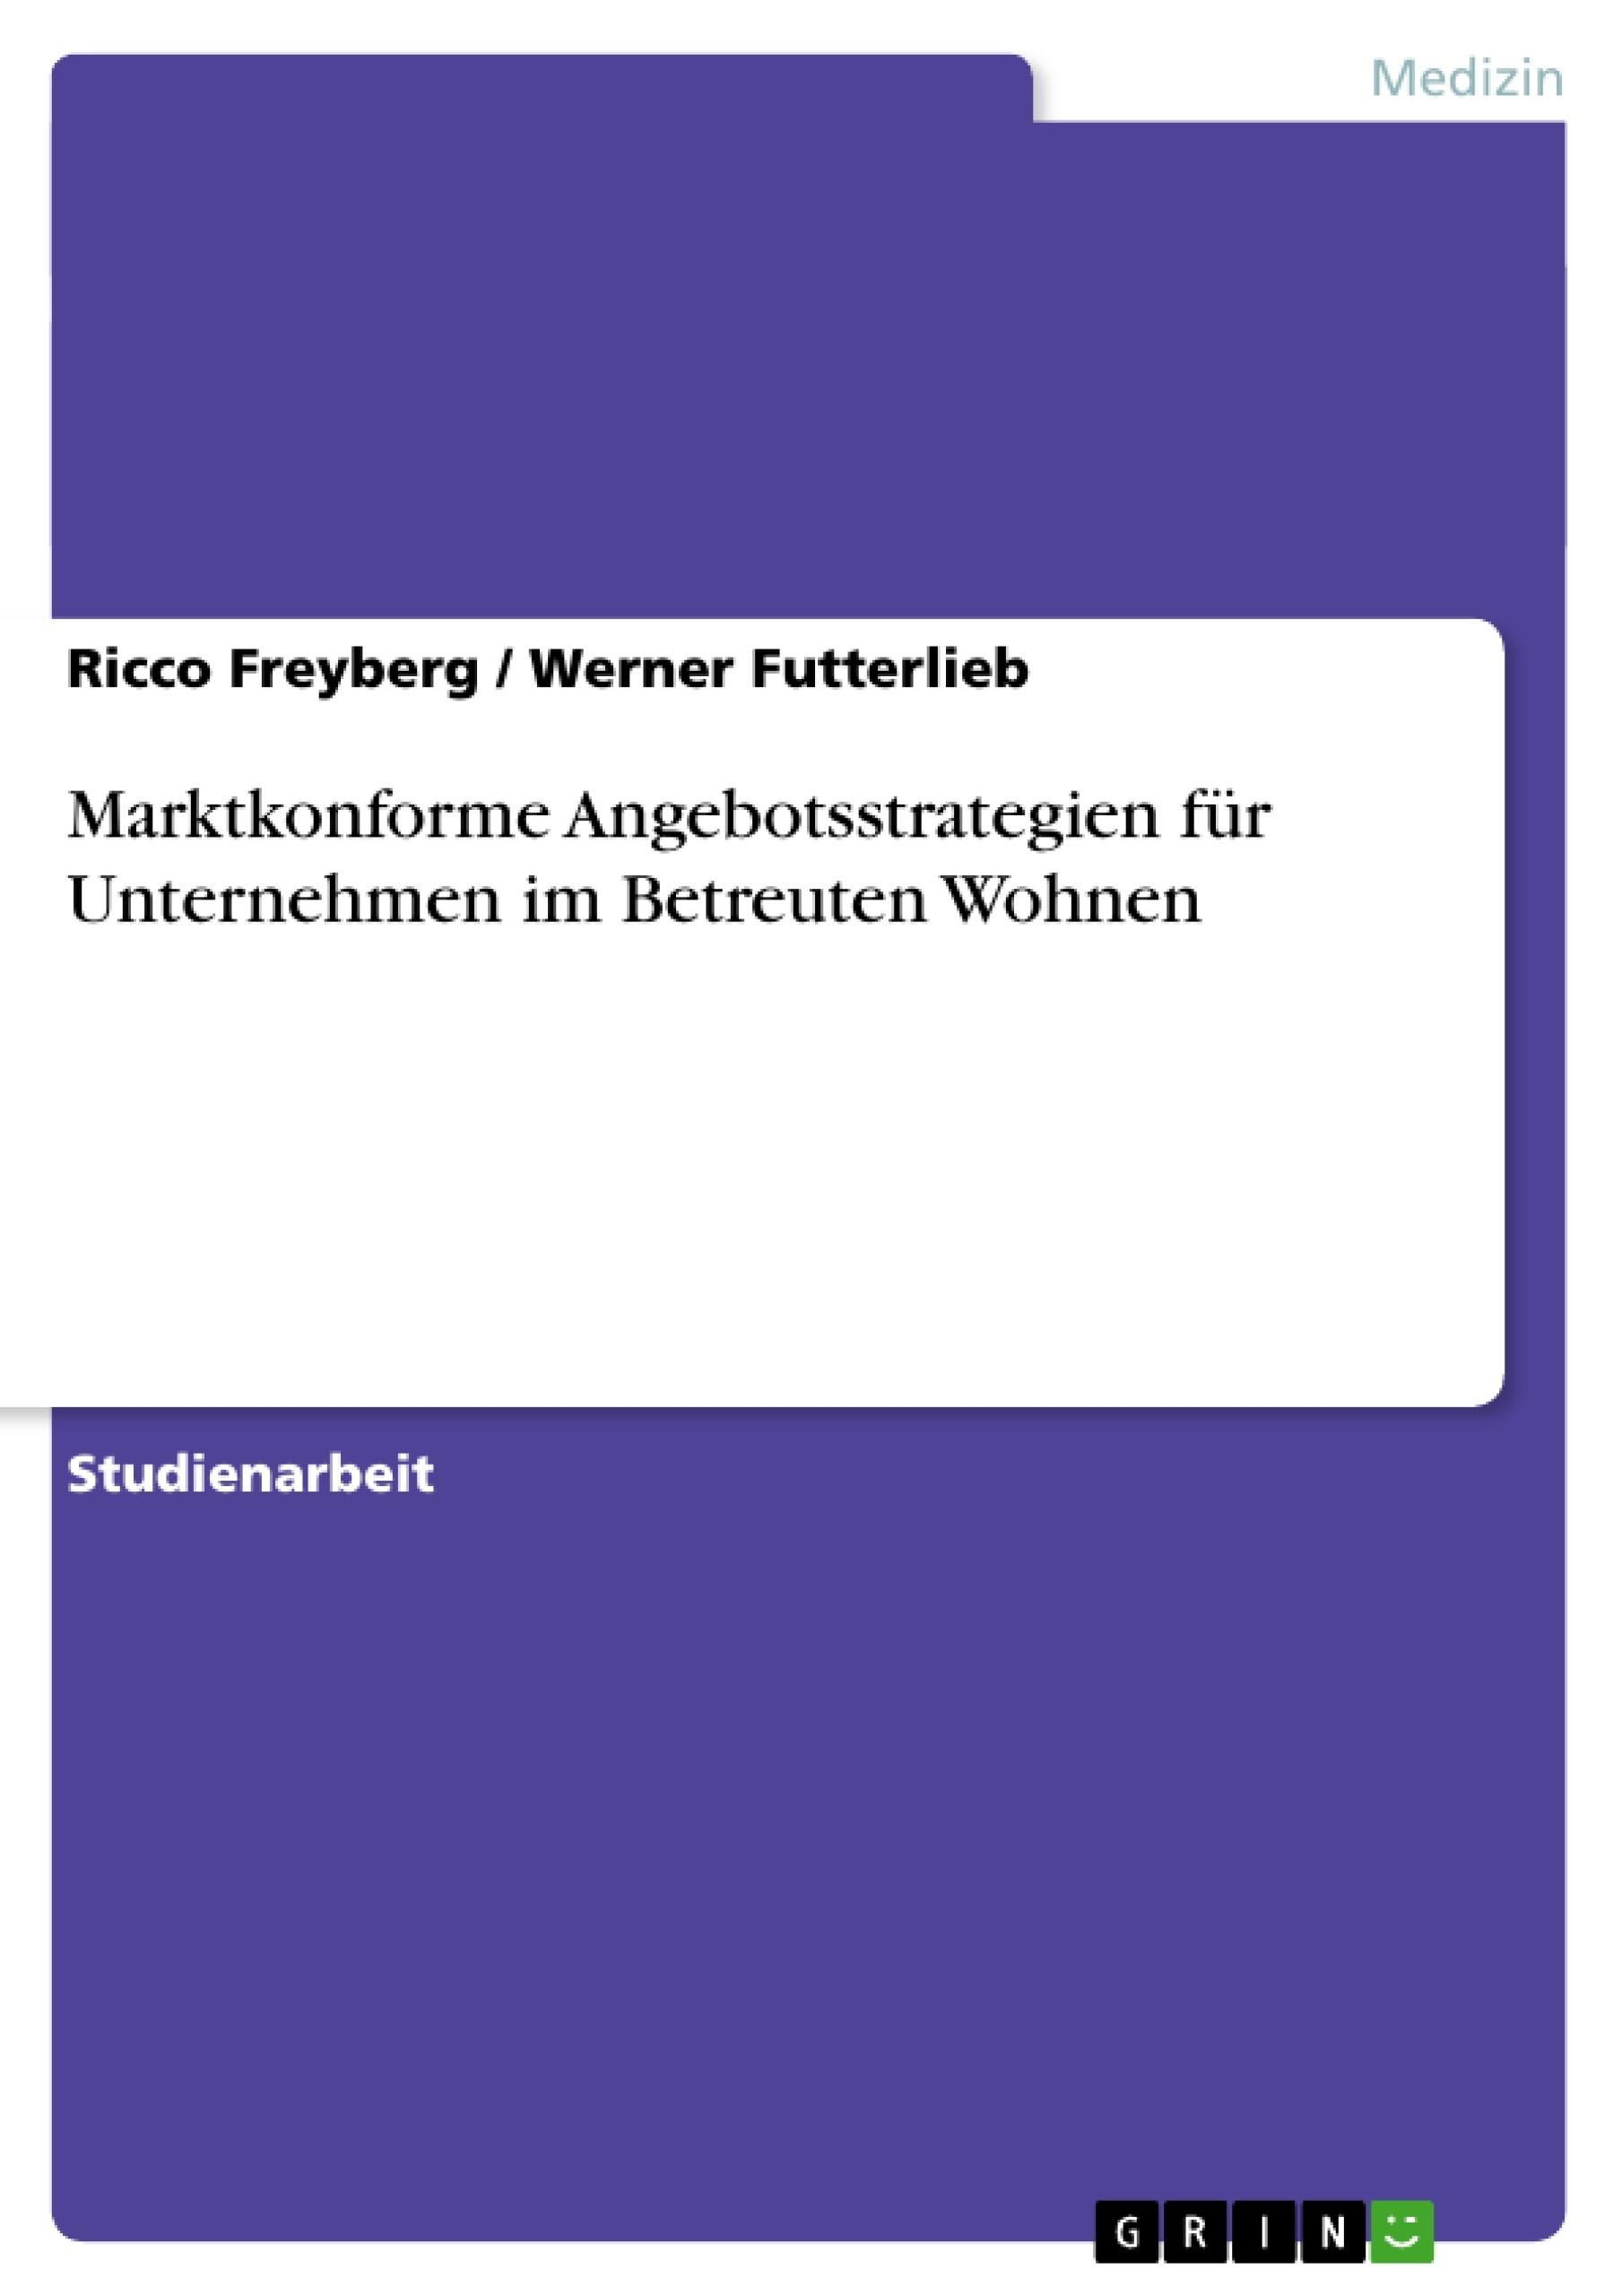 Titel: Marktkonforme Angebotsstrategien für Unternehmen im Betreuten Wohnen